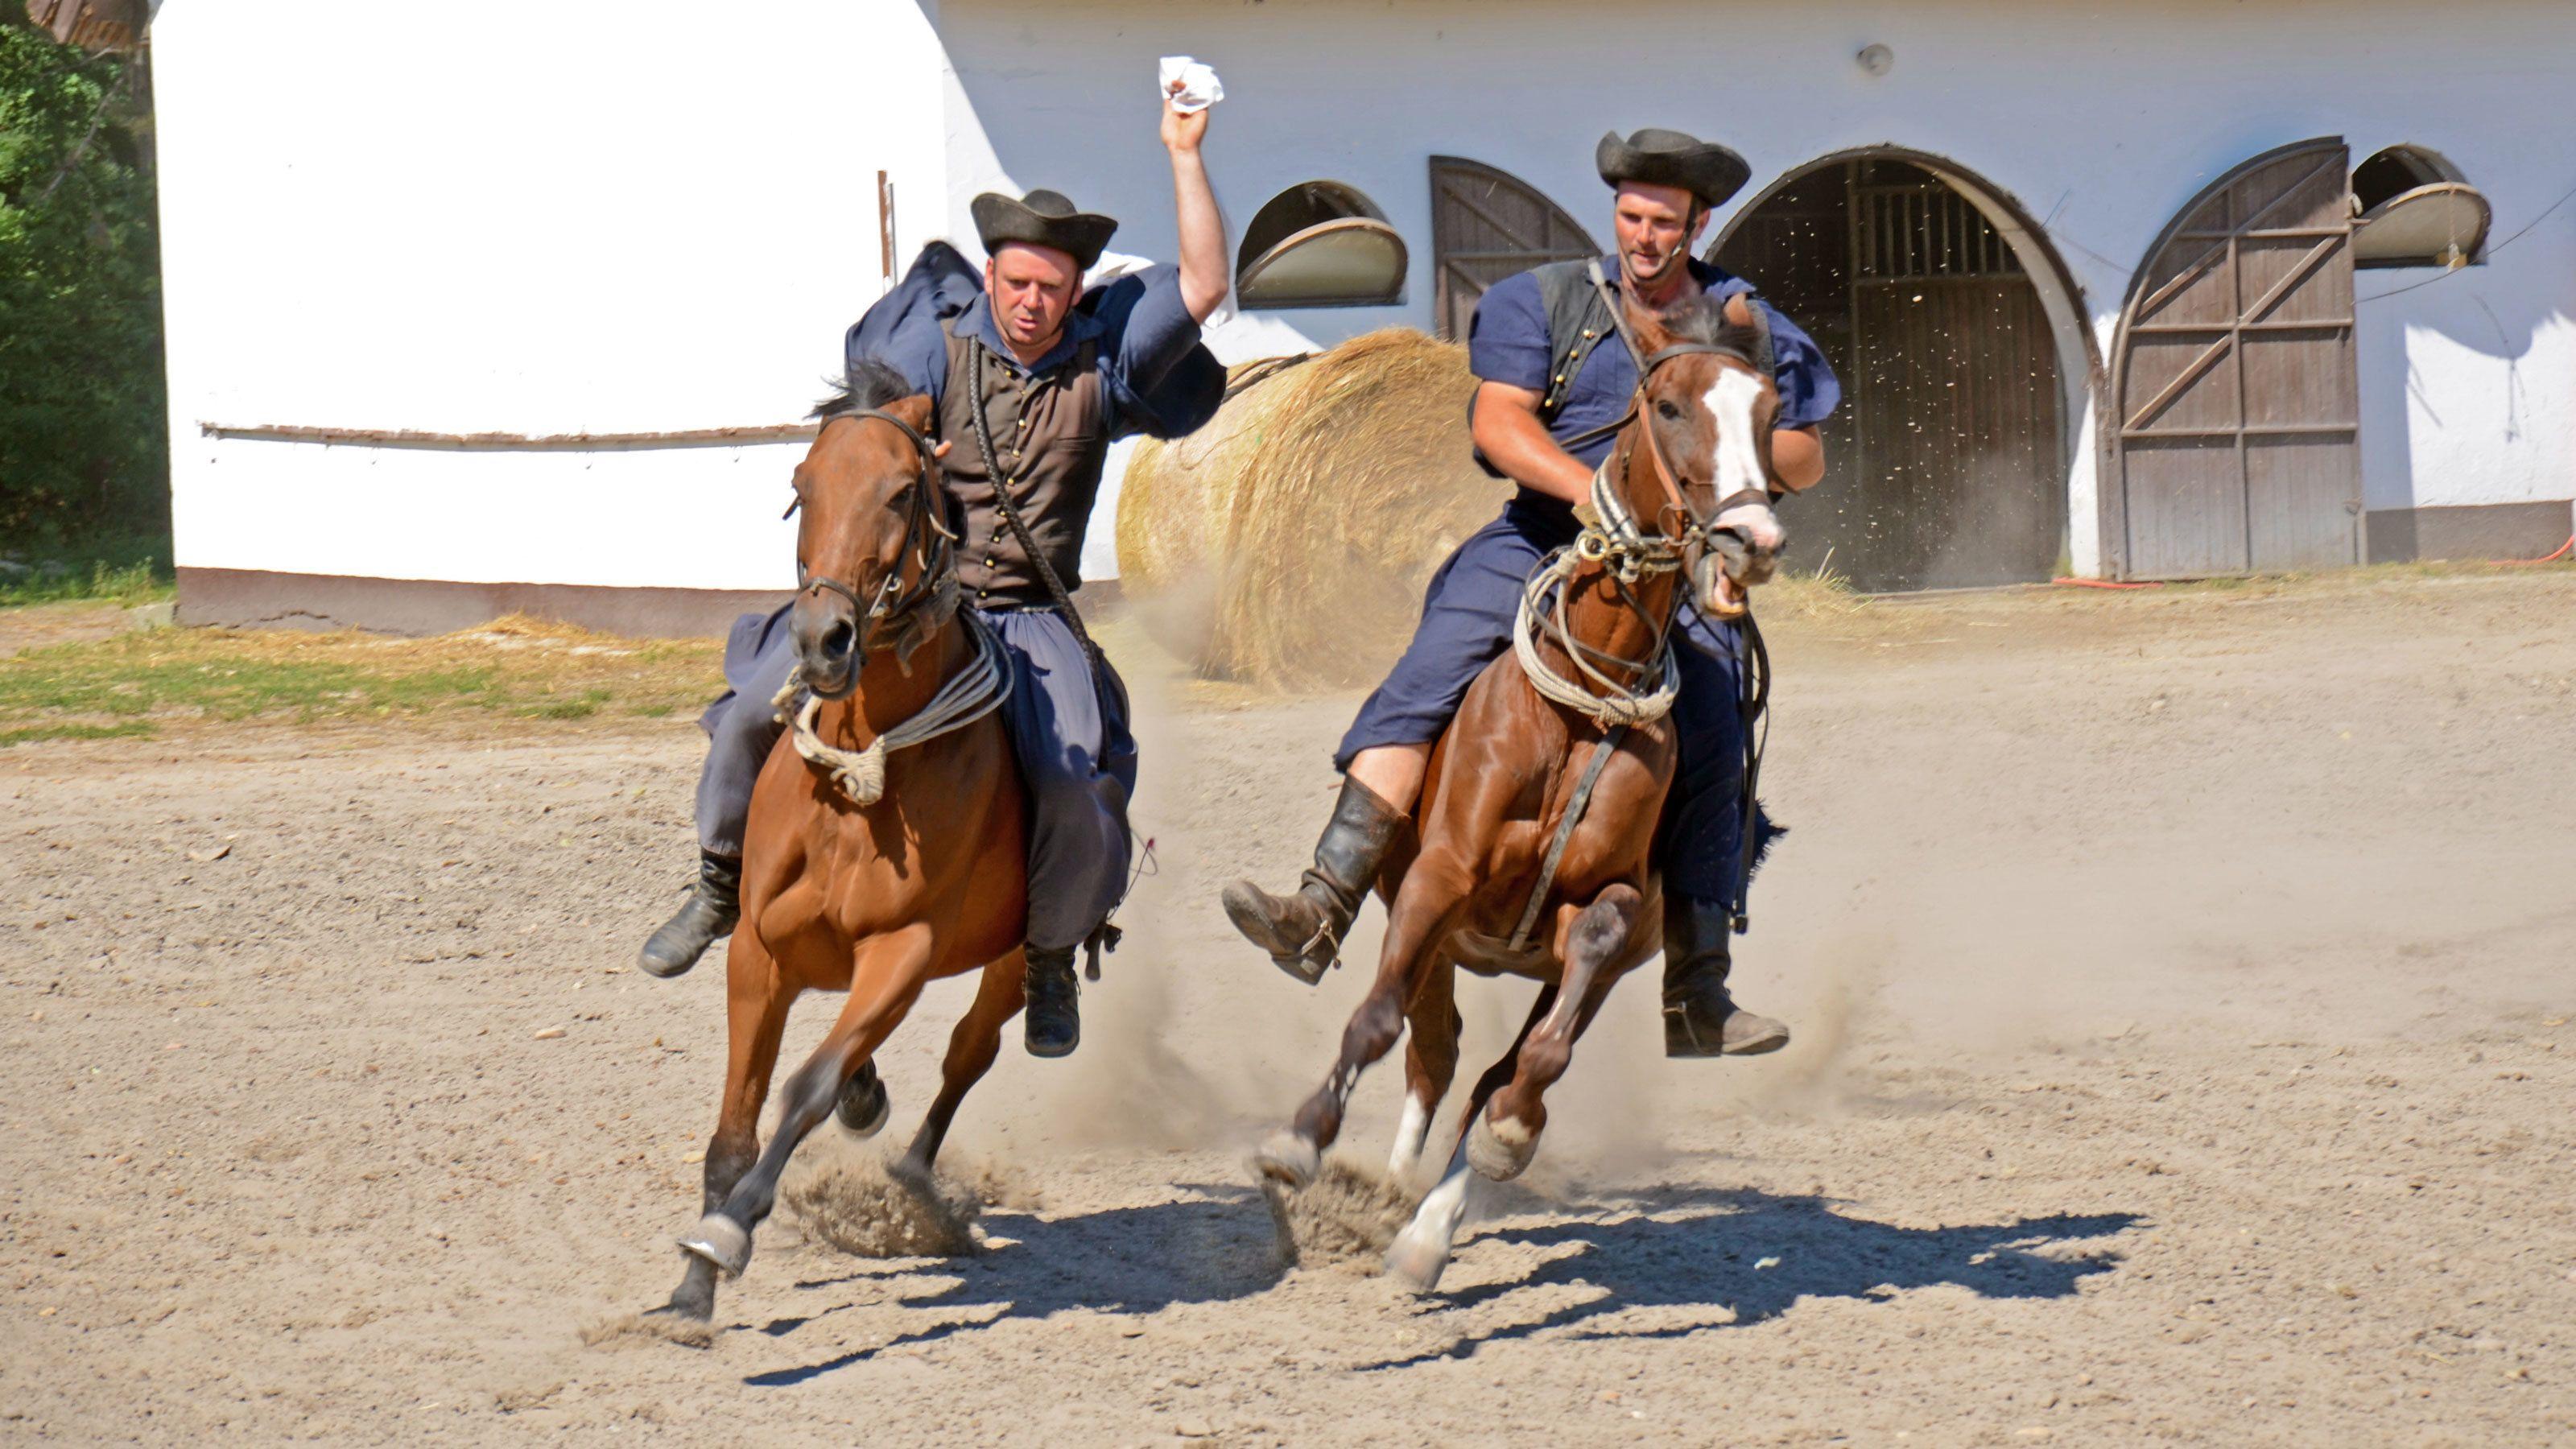 Udflugt til Den Ungarske Slette med hesteshow og frokost